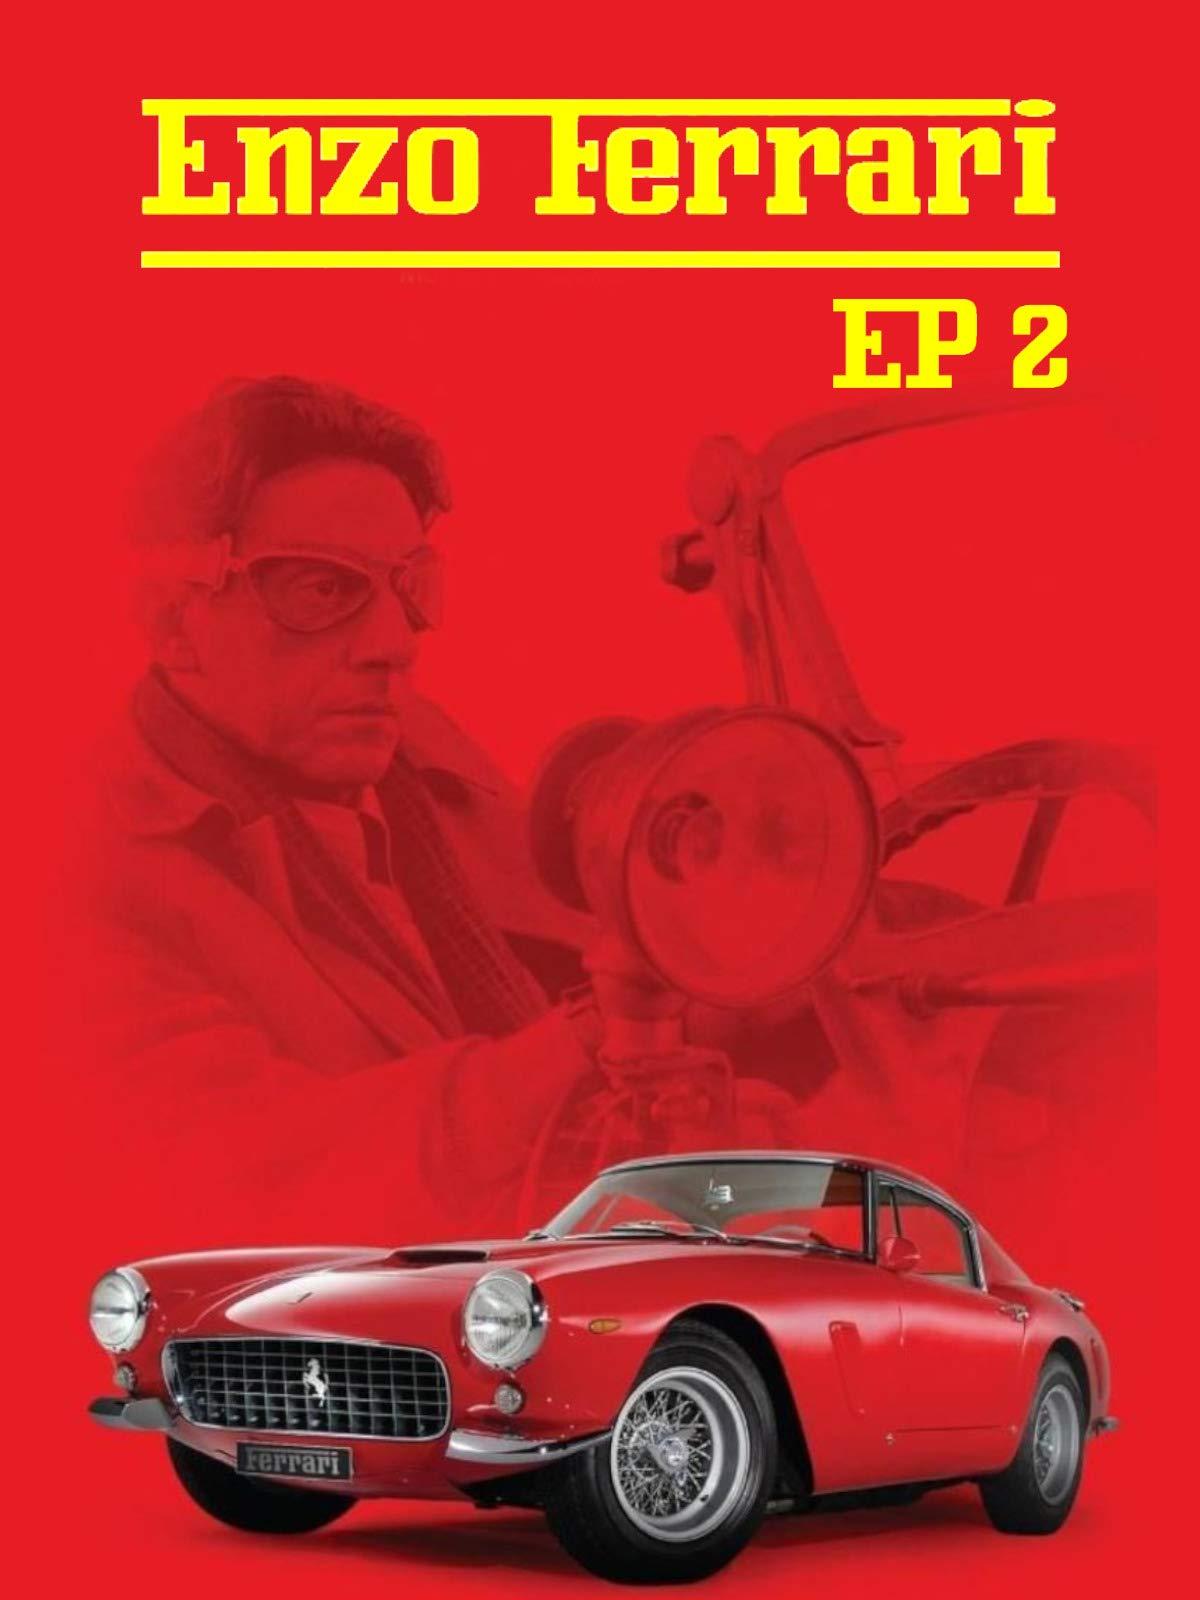 Enzo Ferrari - Episode 2